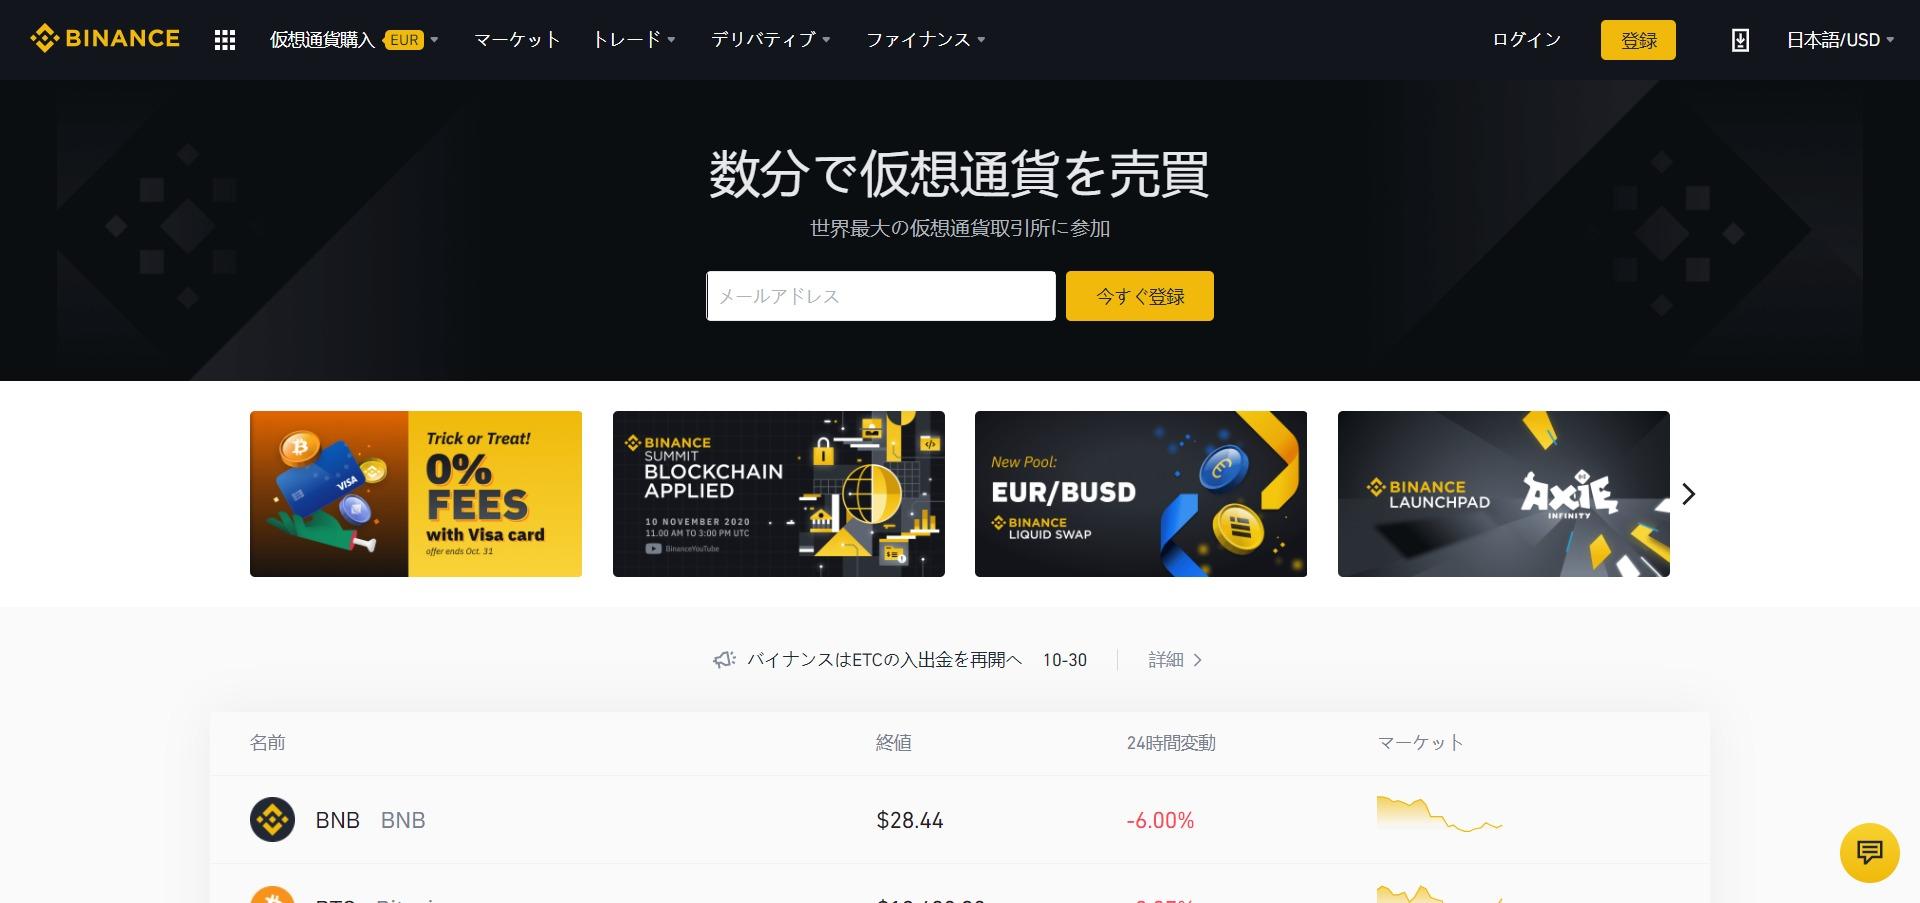 BINANCE(バイナンス)の使い方を入金・取引・出金まで完全解説!